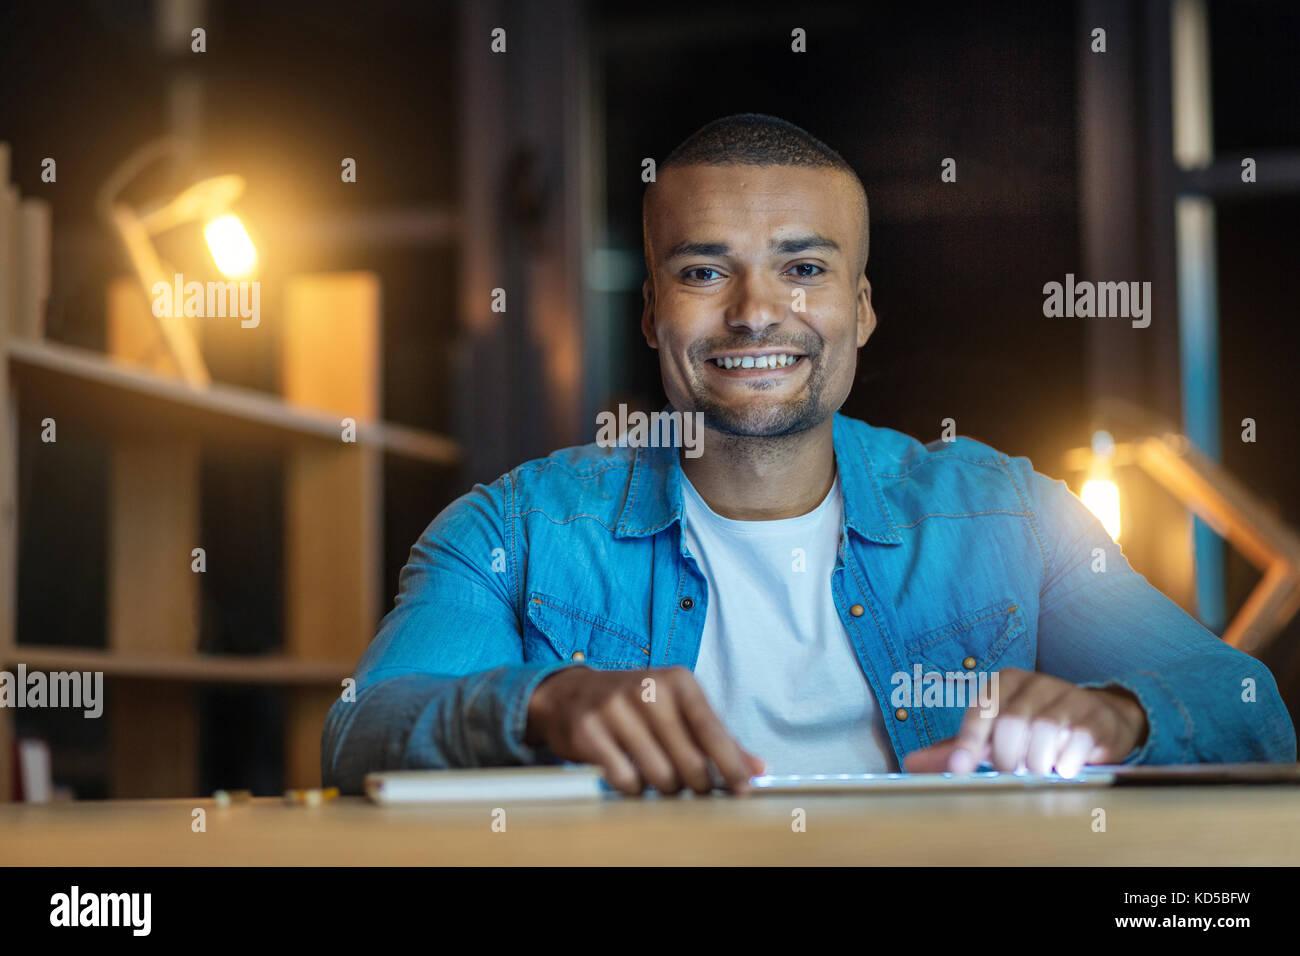 Sorridente persona maschio essendo molto lieto Immagini Stock